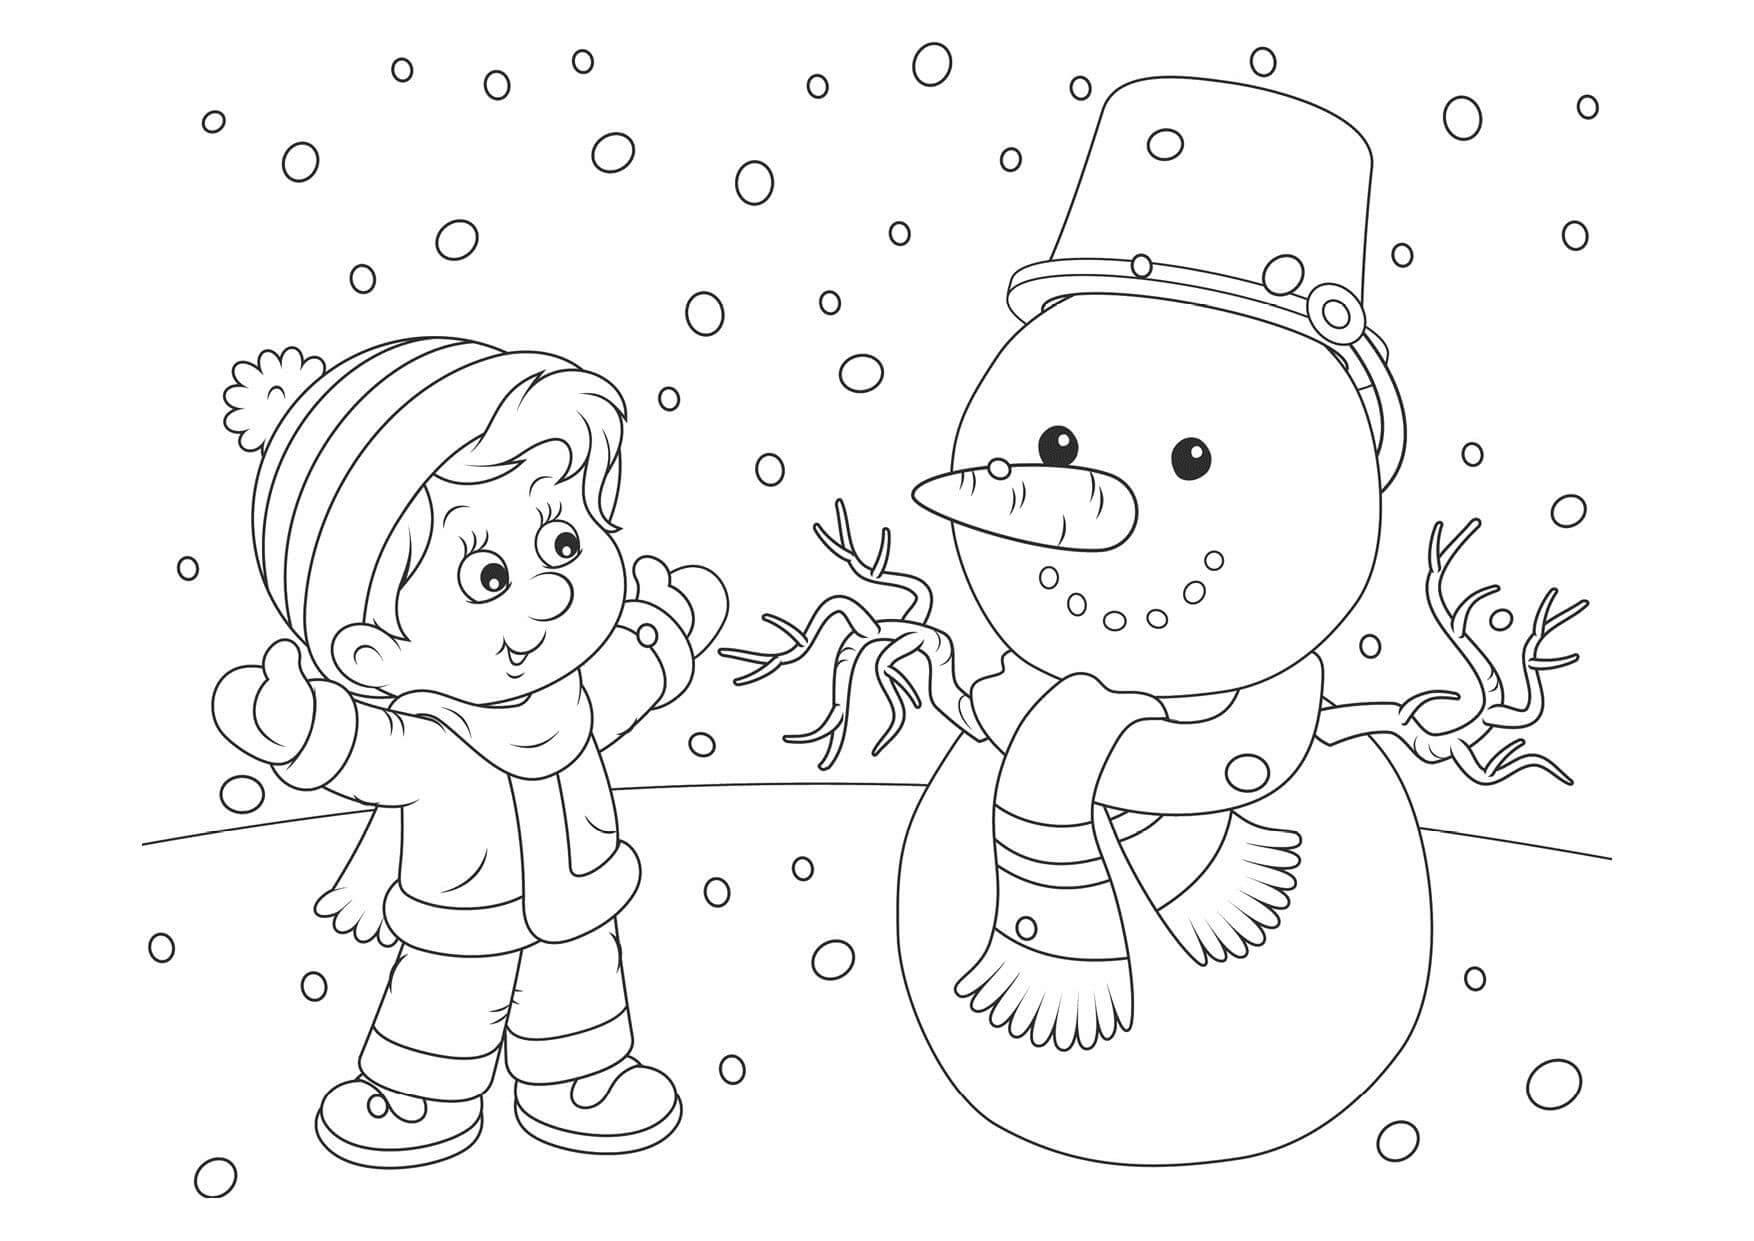 Лучшие картинки рисунки снеговиков для срисовки - коллекция 9